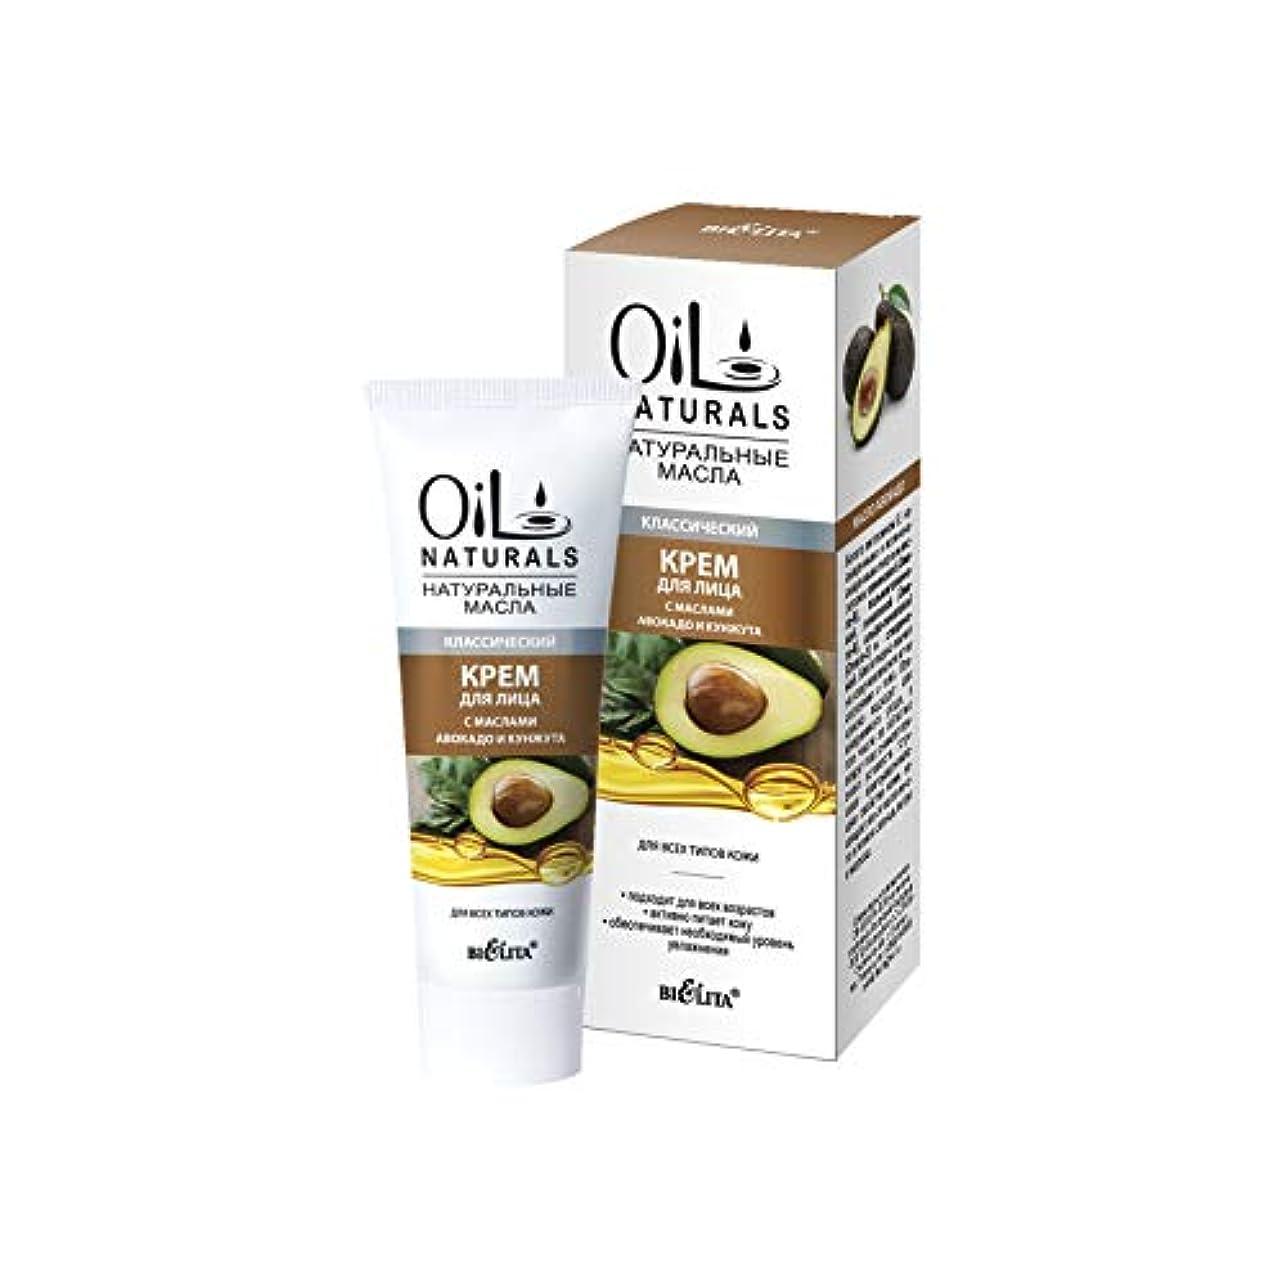 なので間に合わせ店主Bielita & Vitex |Oil Naturals Line | Classic Moisturizing Face Cream, for All Skin Types, 50 ml | Avocado Oil,...